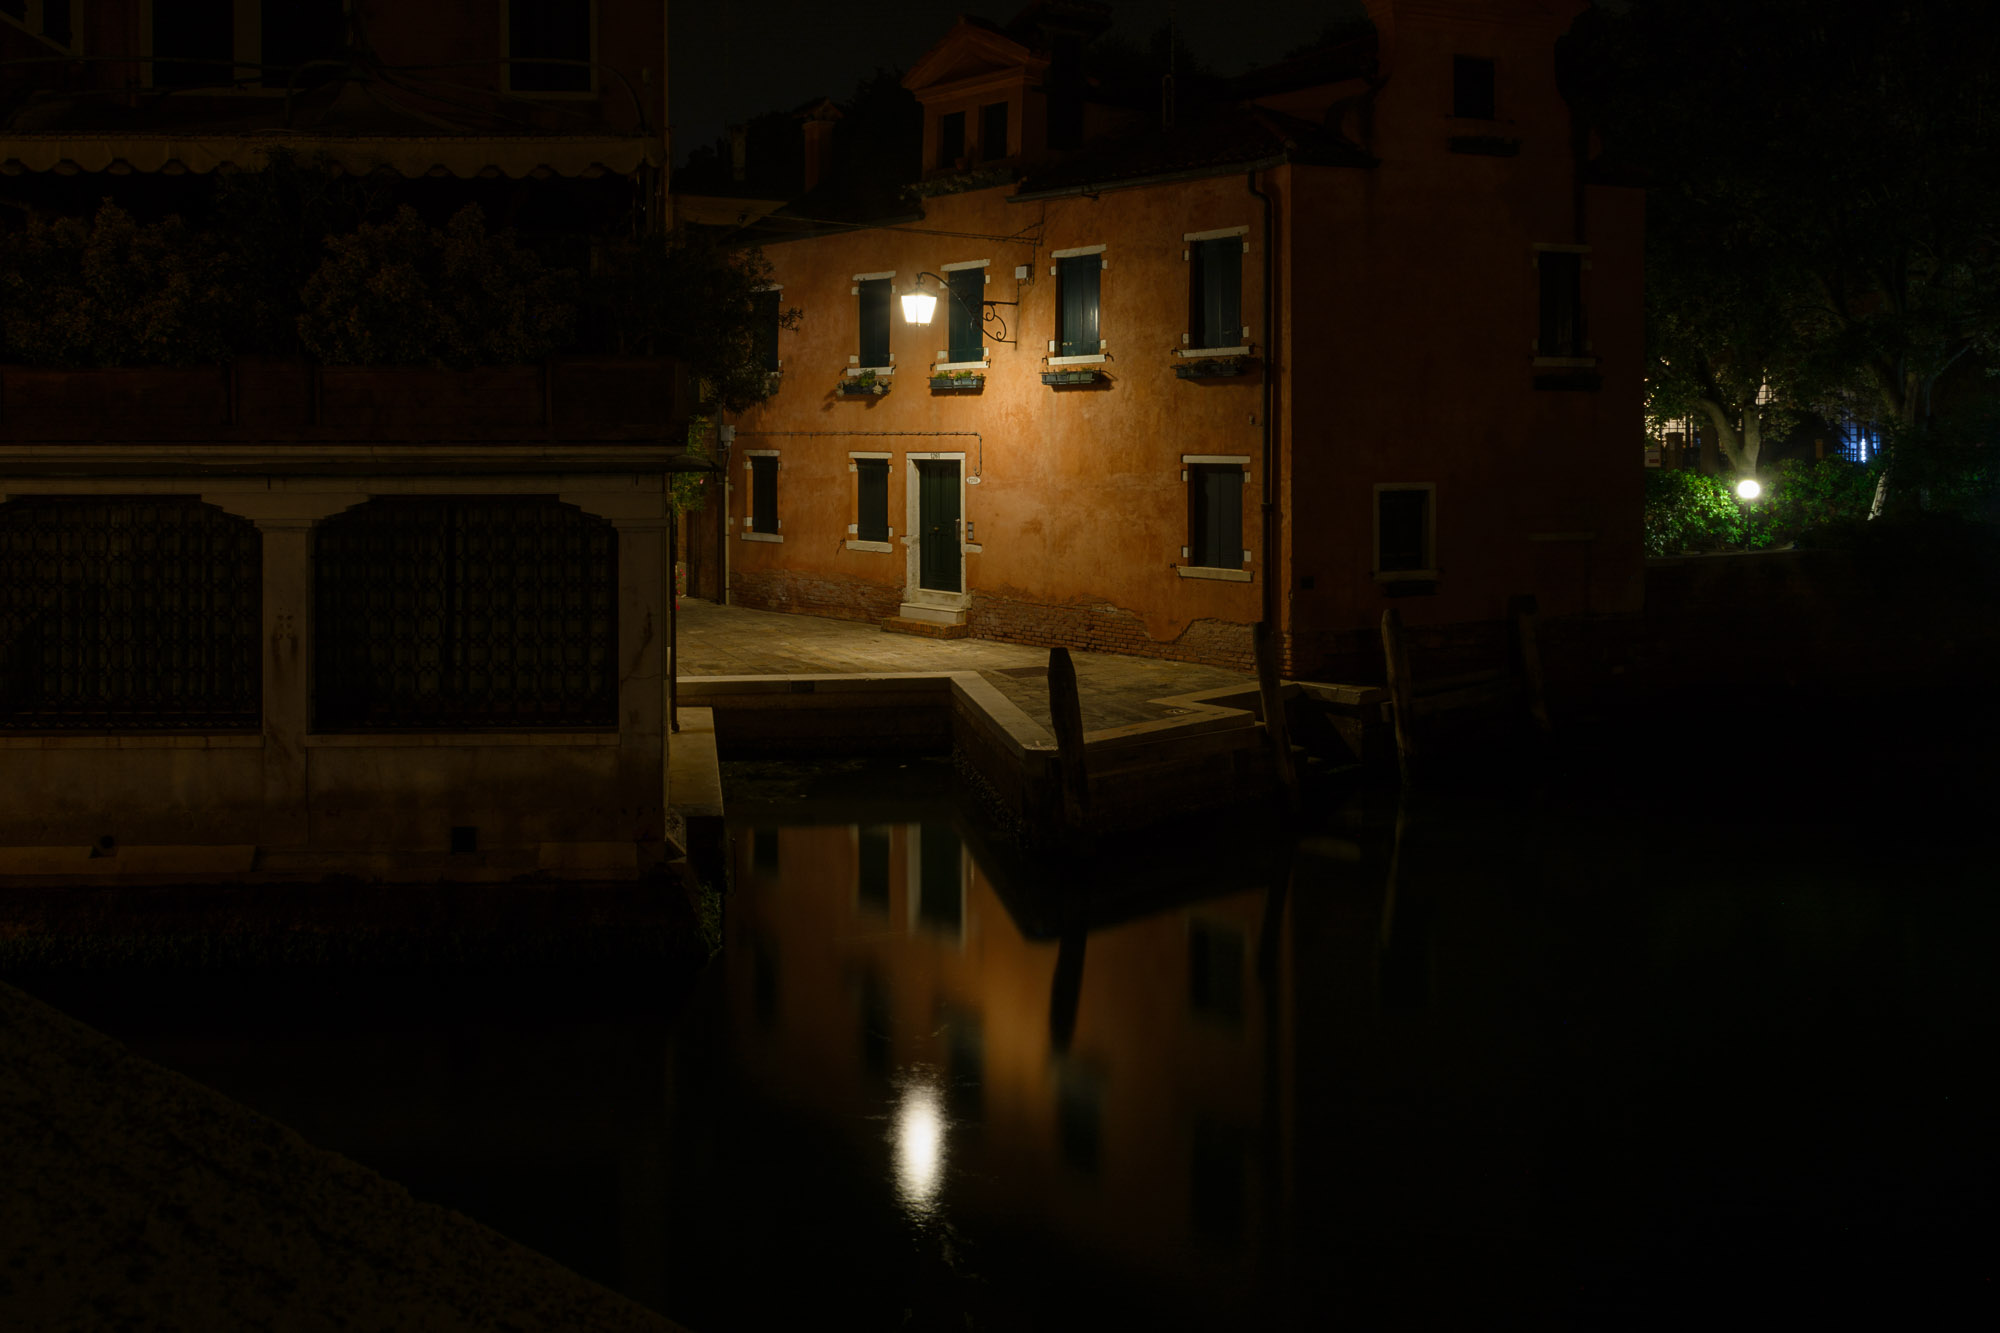 venezia 16...